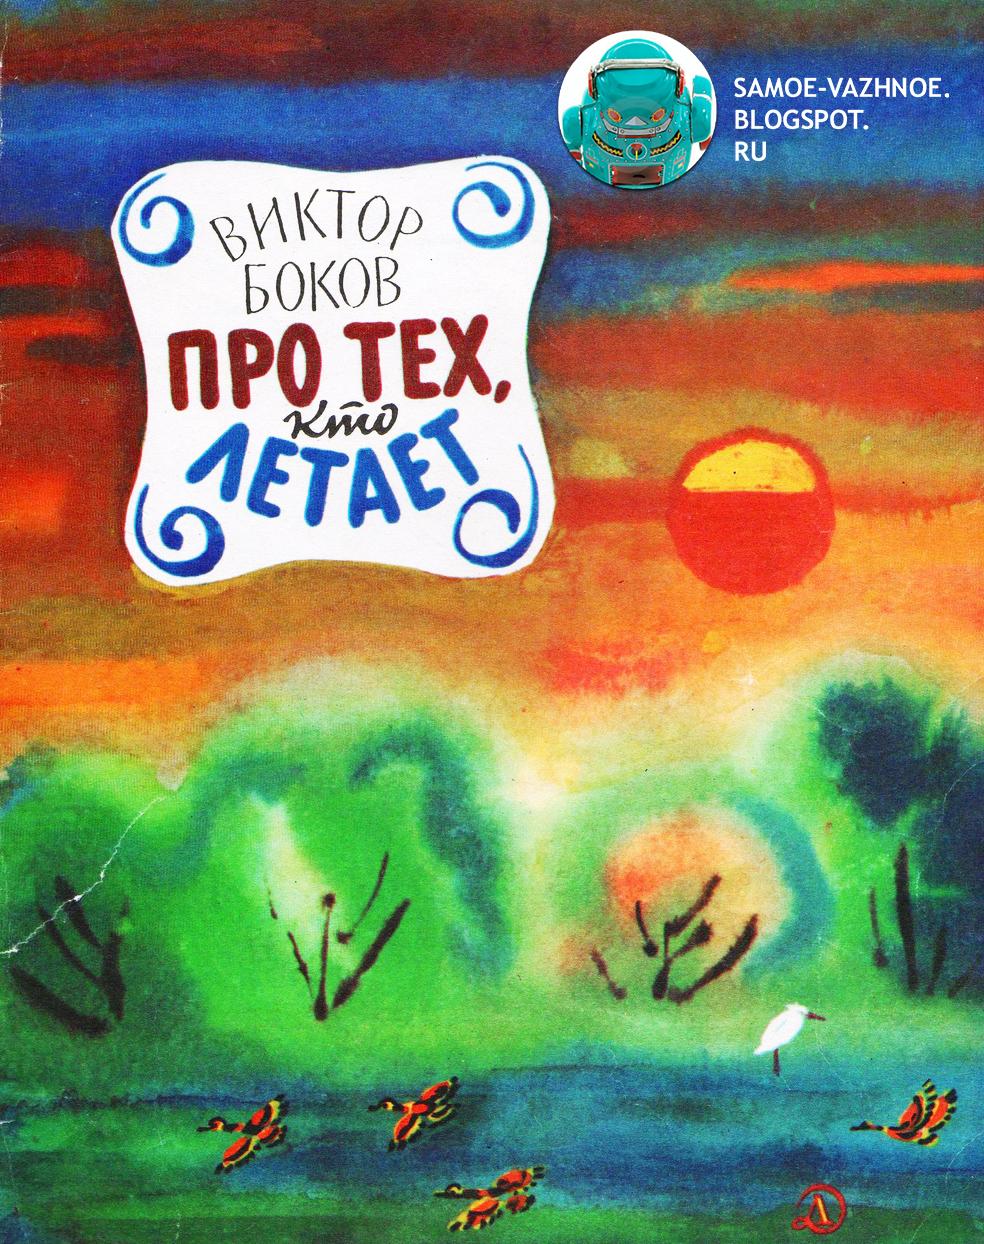 Про тех, кто летает книга В. Боков 1986 год советская книга старая из детства. Обложка рассвет, закат, акварель. На одной ноге стою, а другую грею Цапля